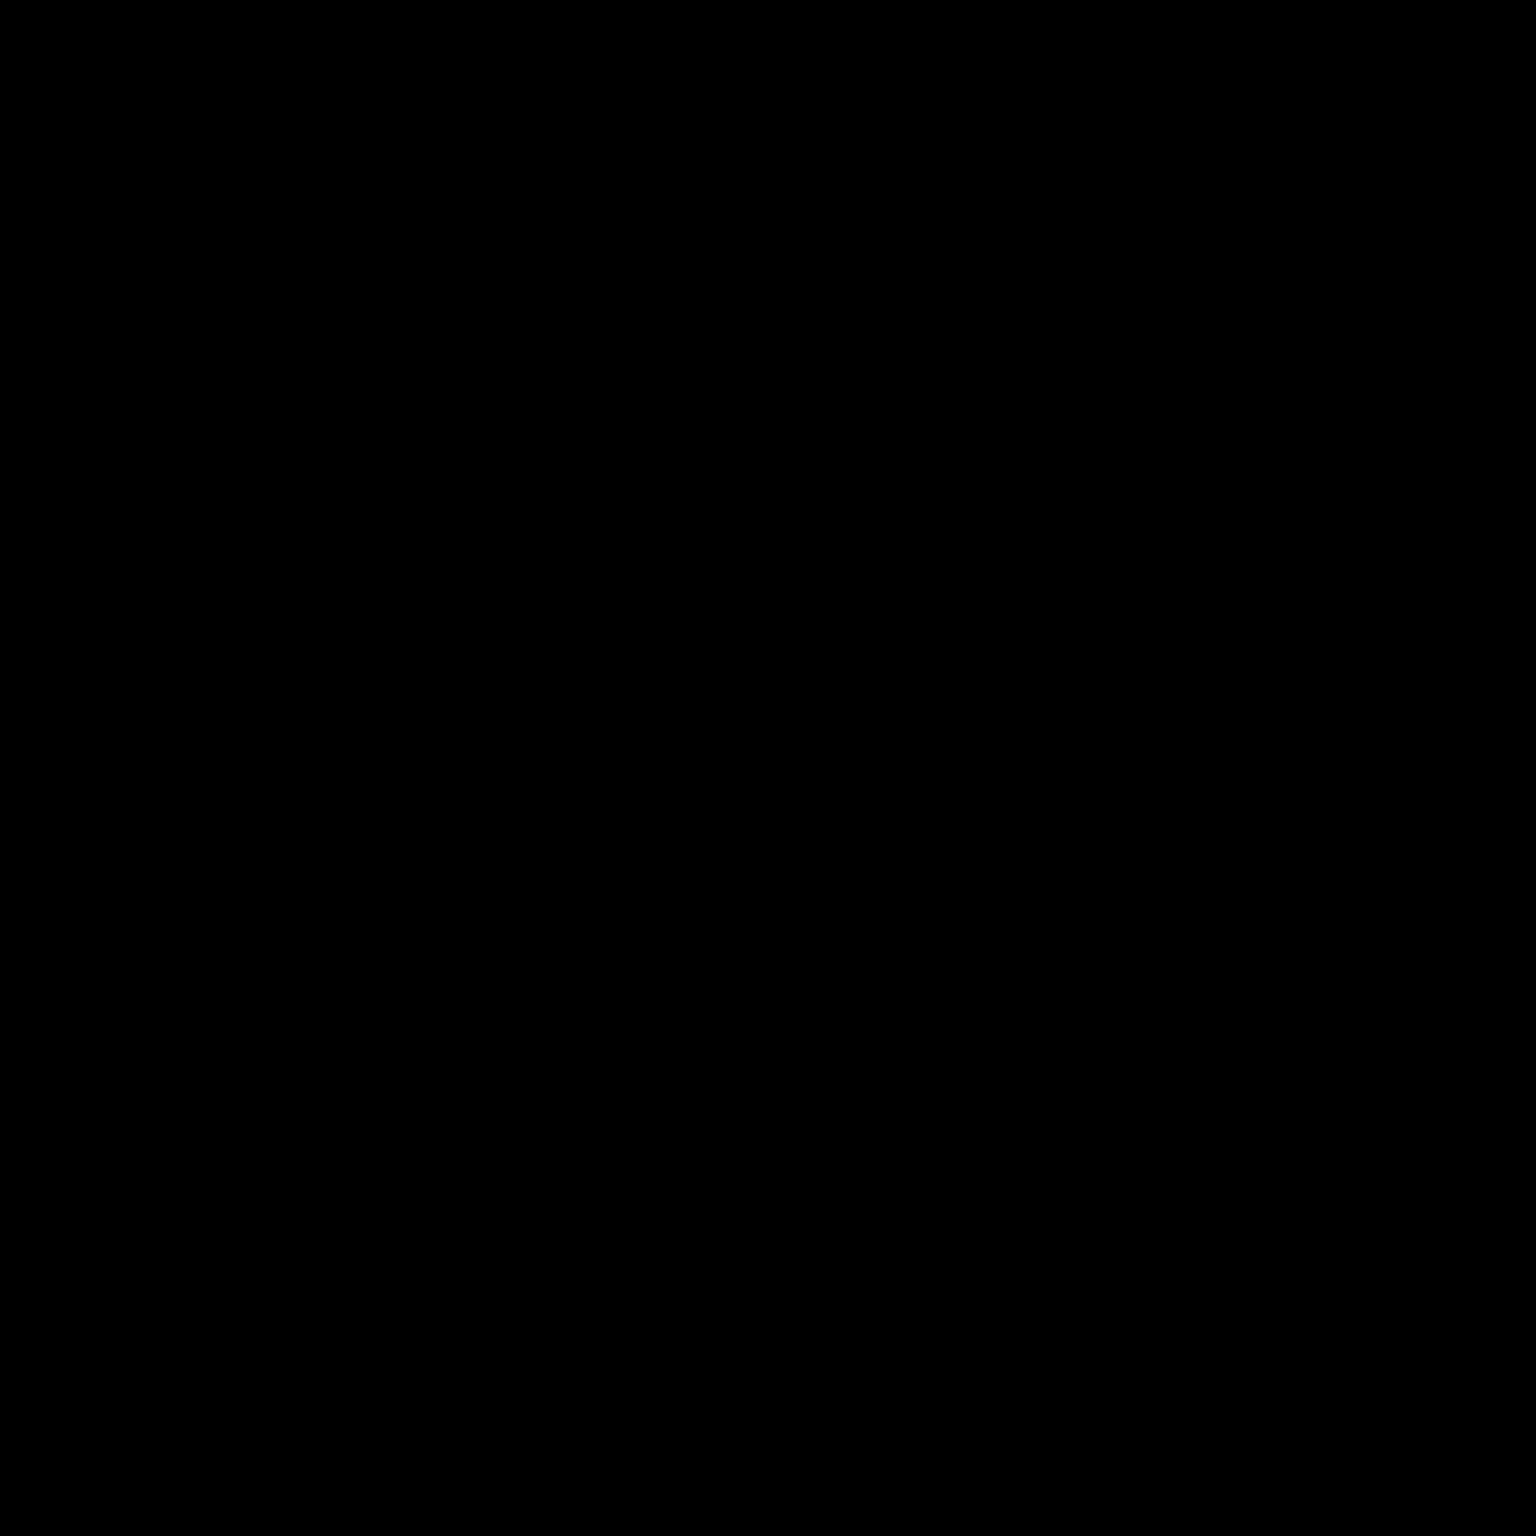 zakisan